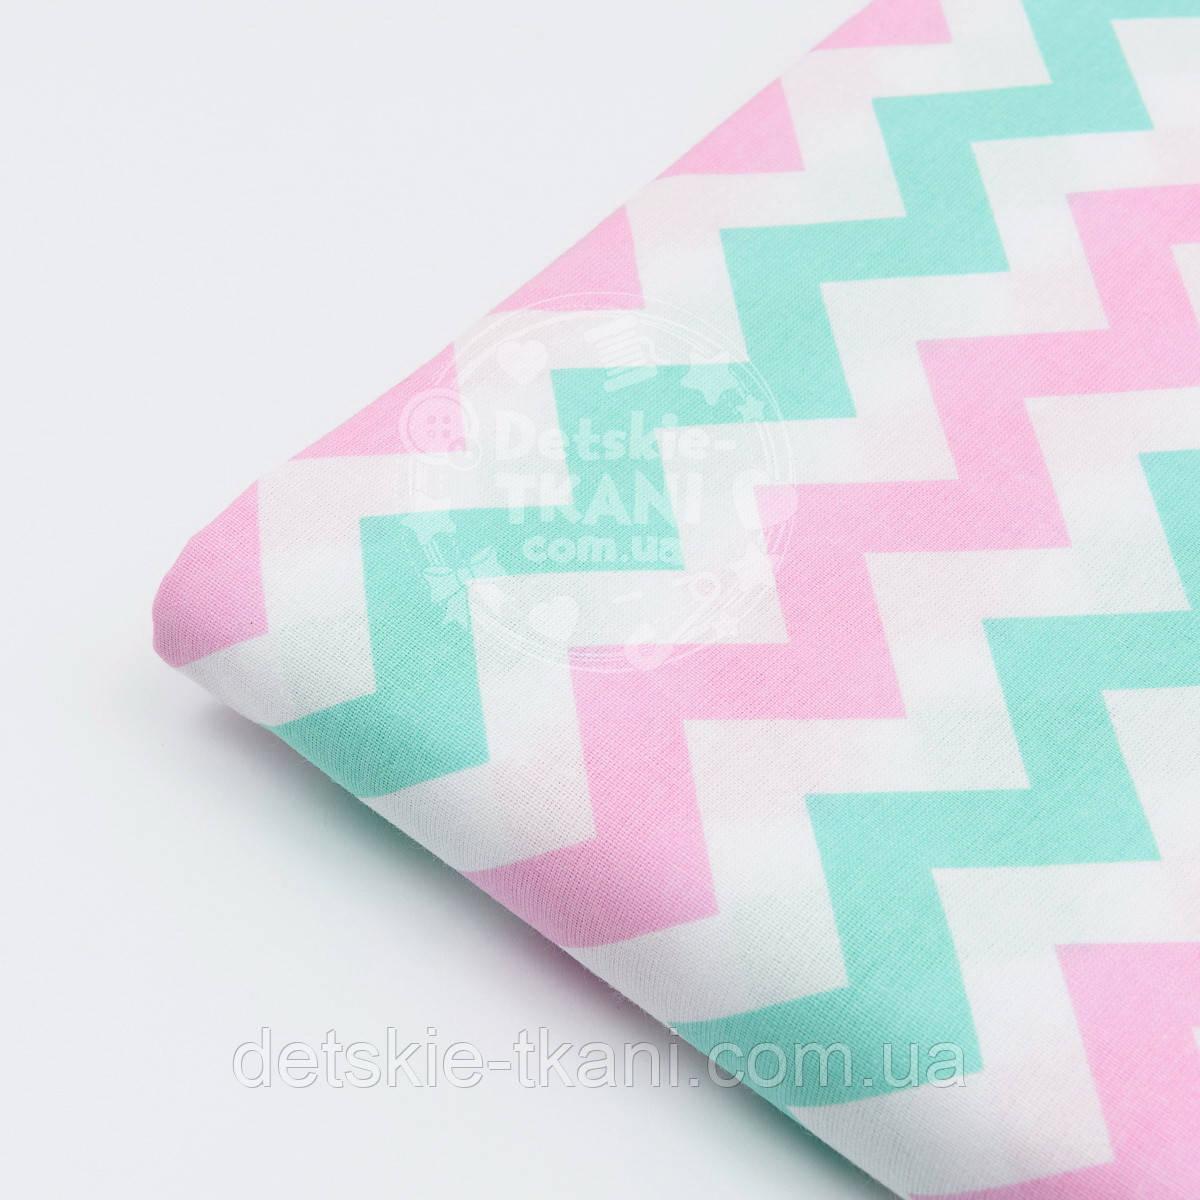 Отрез ткани №1180 с мятным и розовым зигзагом, размер 85*160